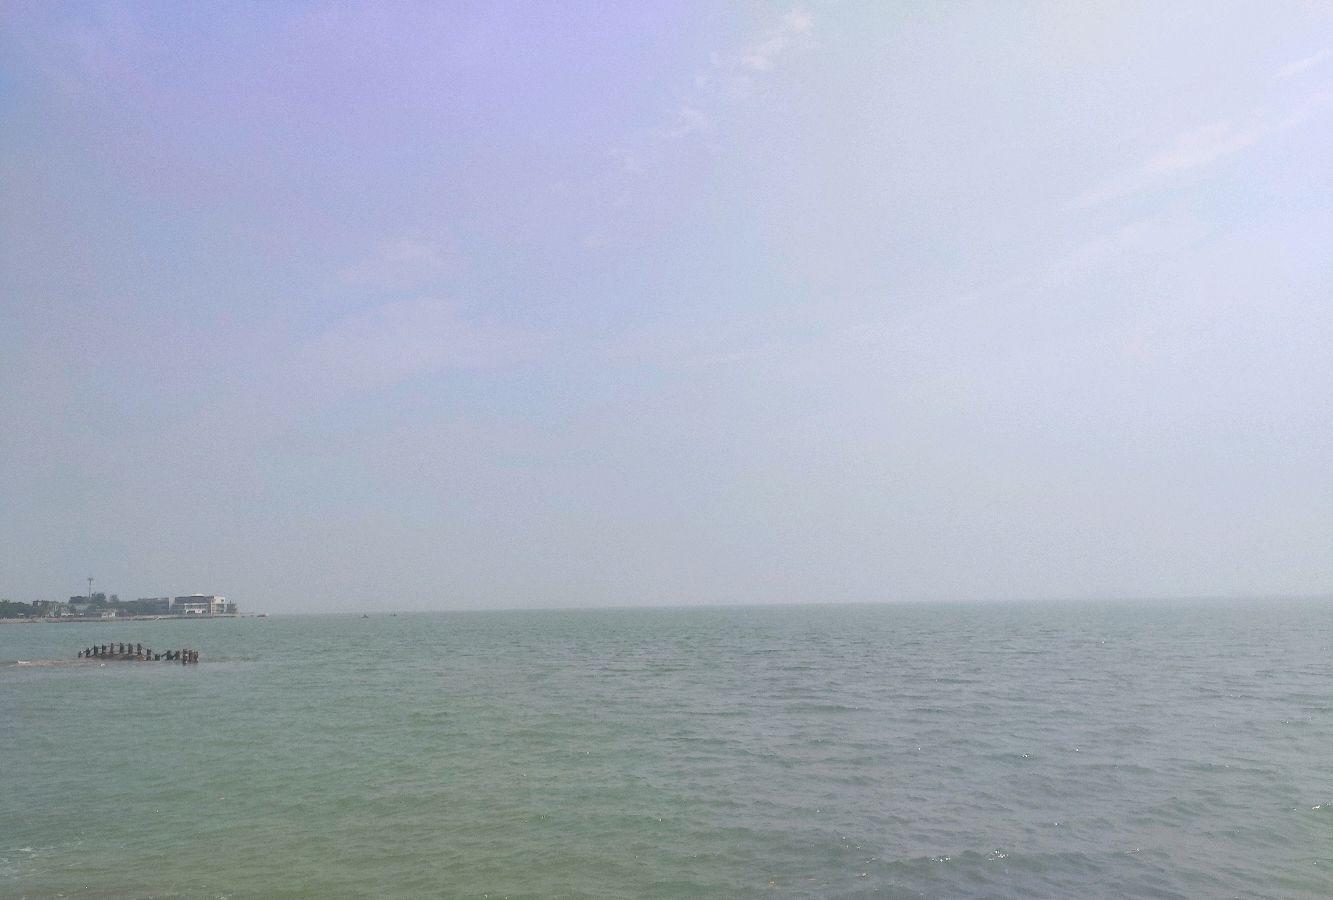 厦门市珍珠湾海边风光